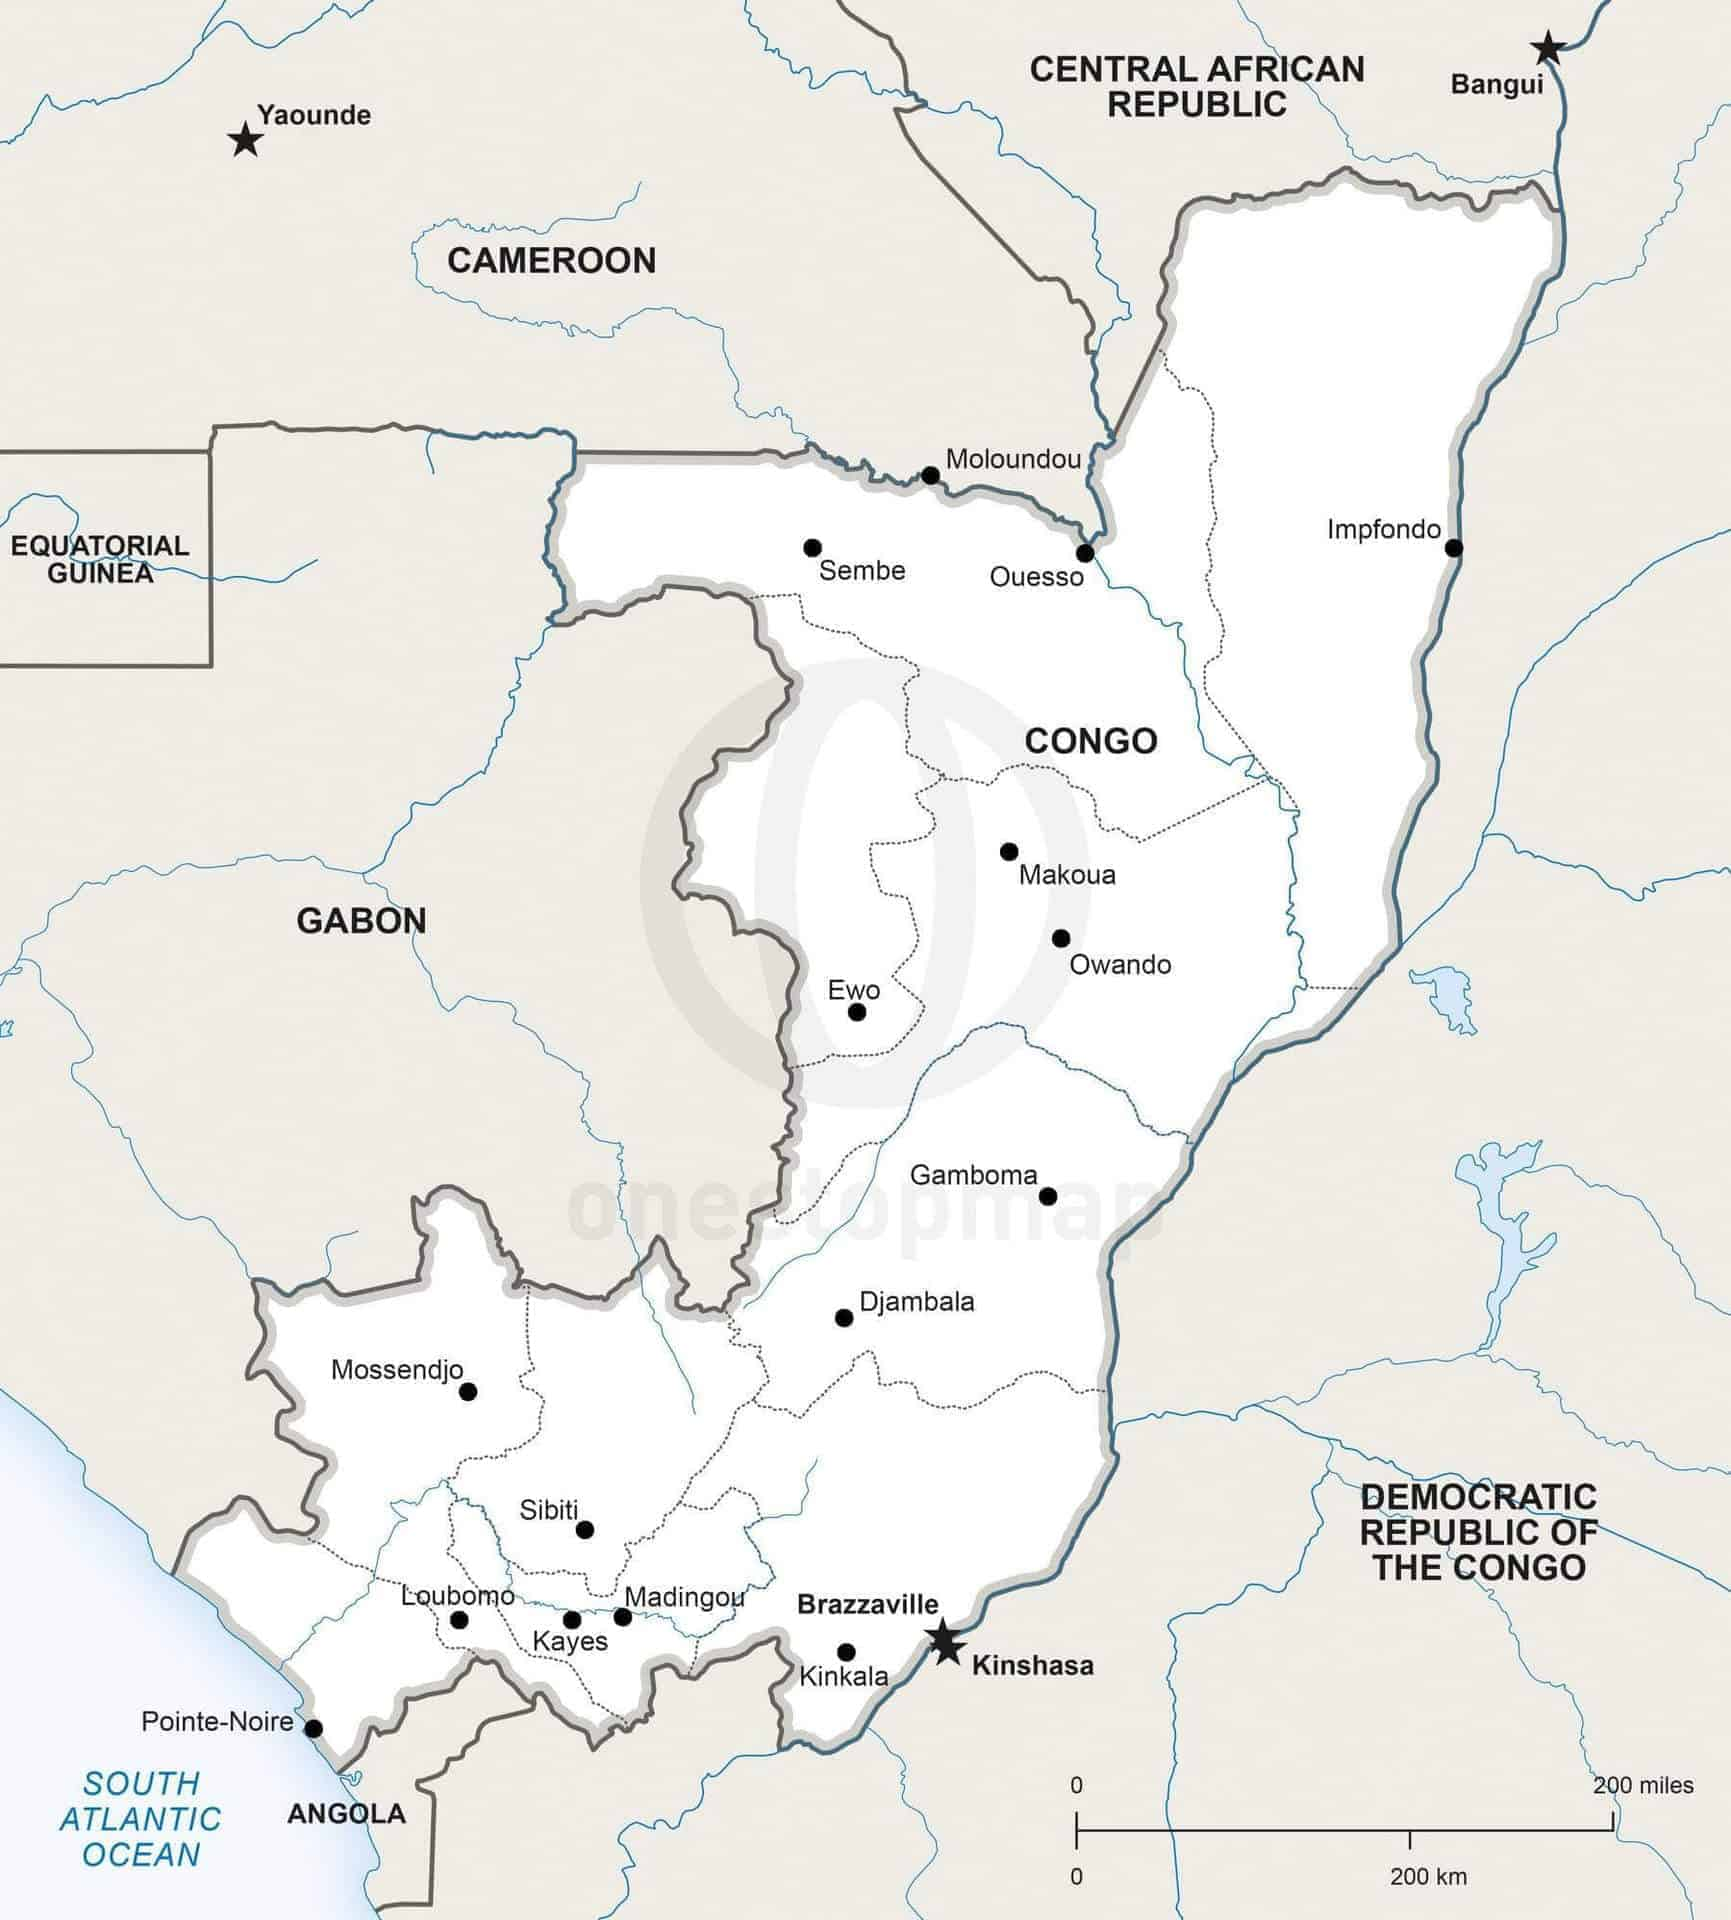 Map of Congo political